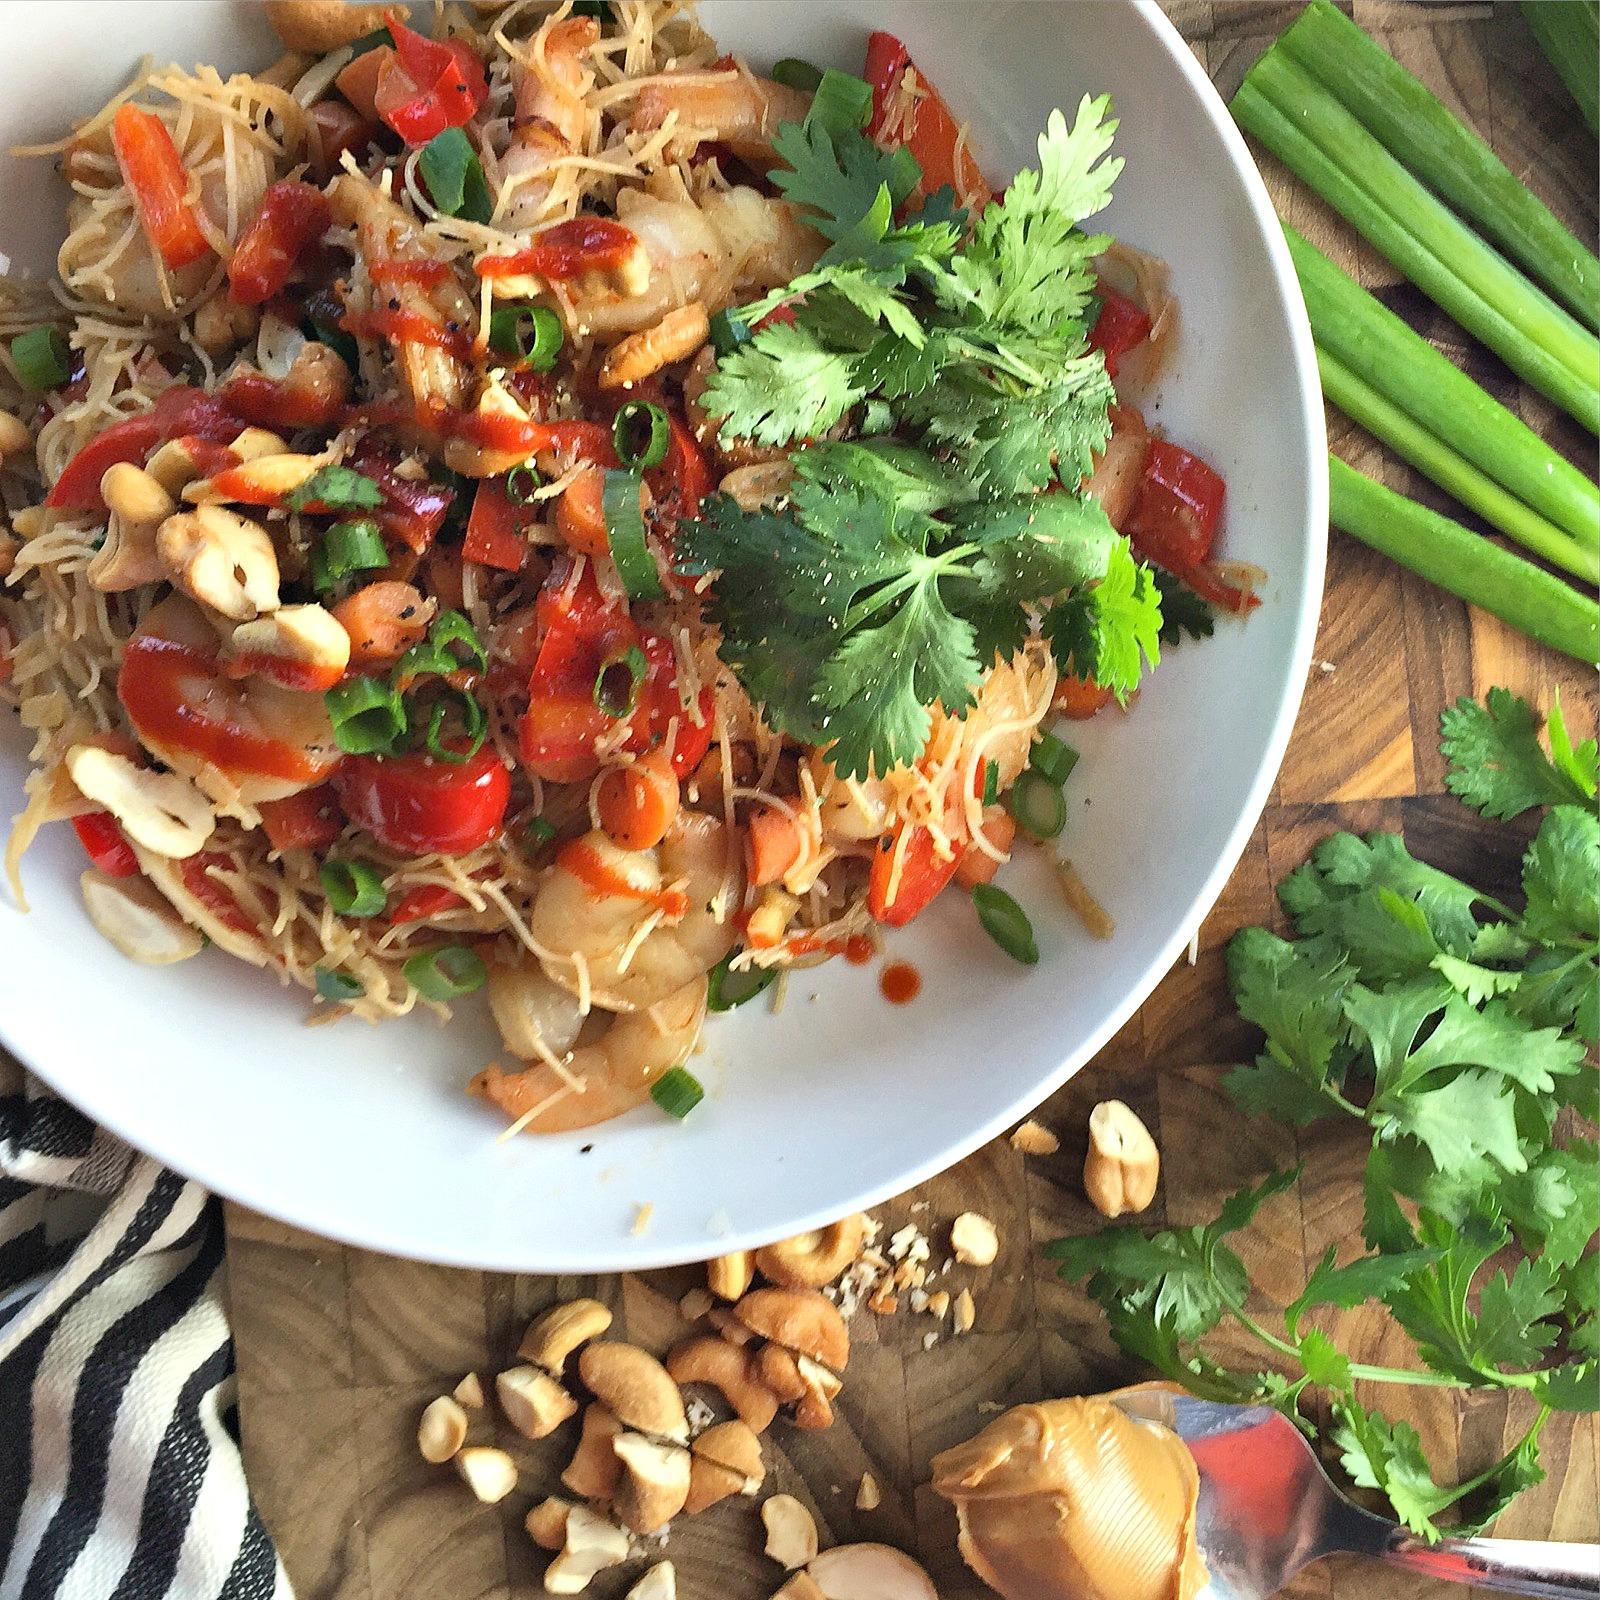 20-Minute Shrimp Brown Rice Noodle Bowls with Peanut Sauce